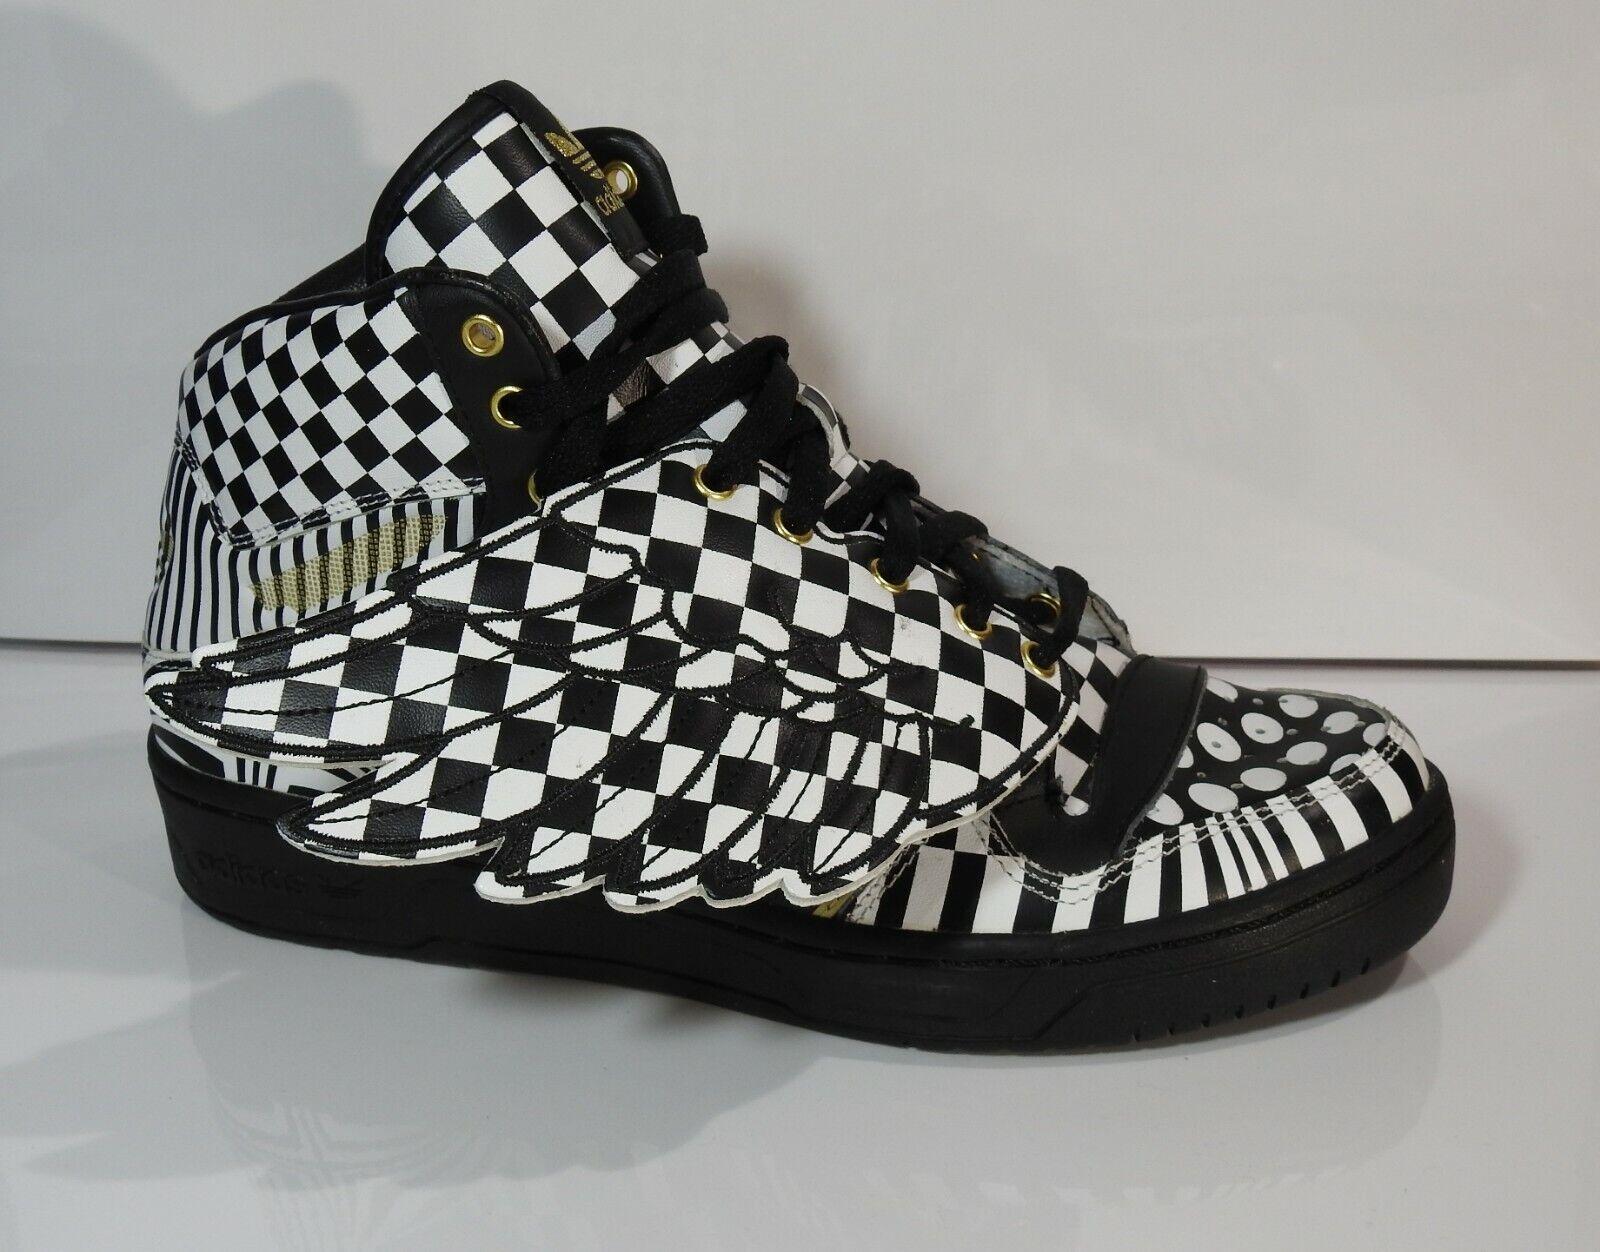 Adidas jeremy scott hommes sneakers js wings opart noir/blanc g95768 42,5